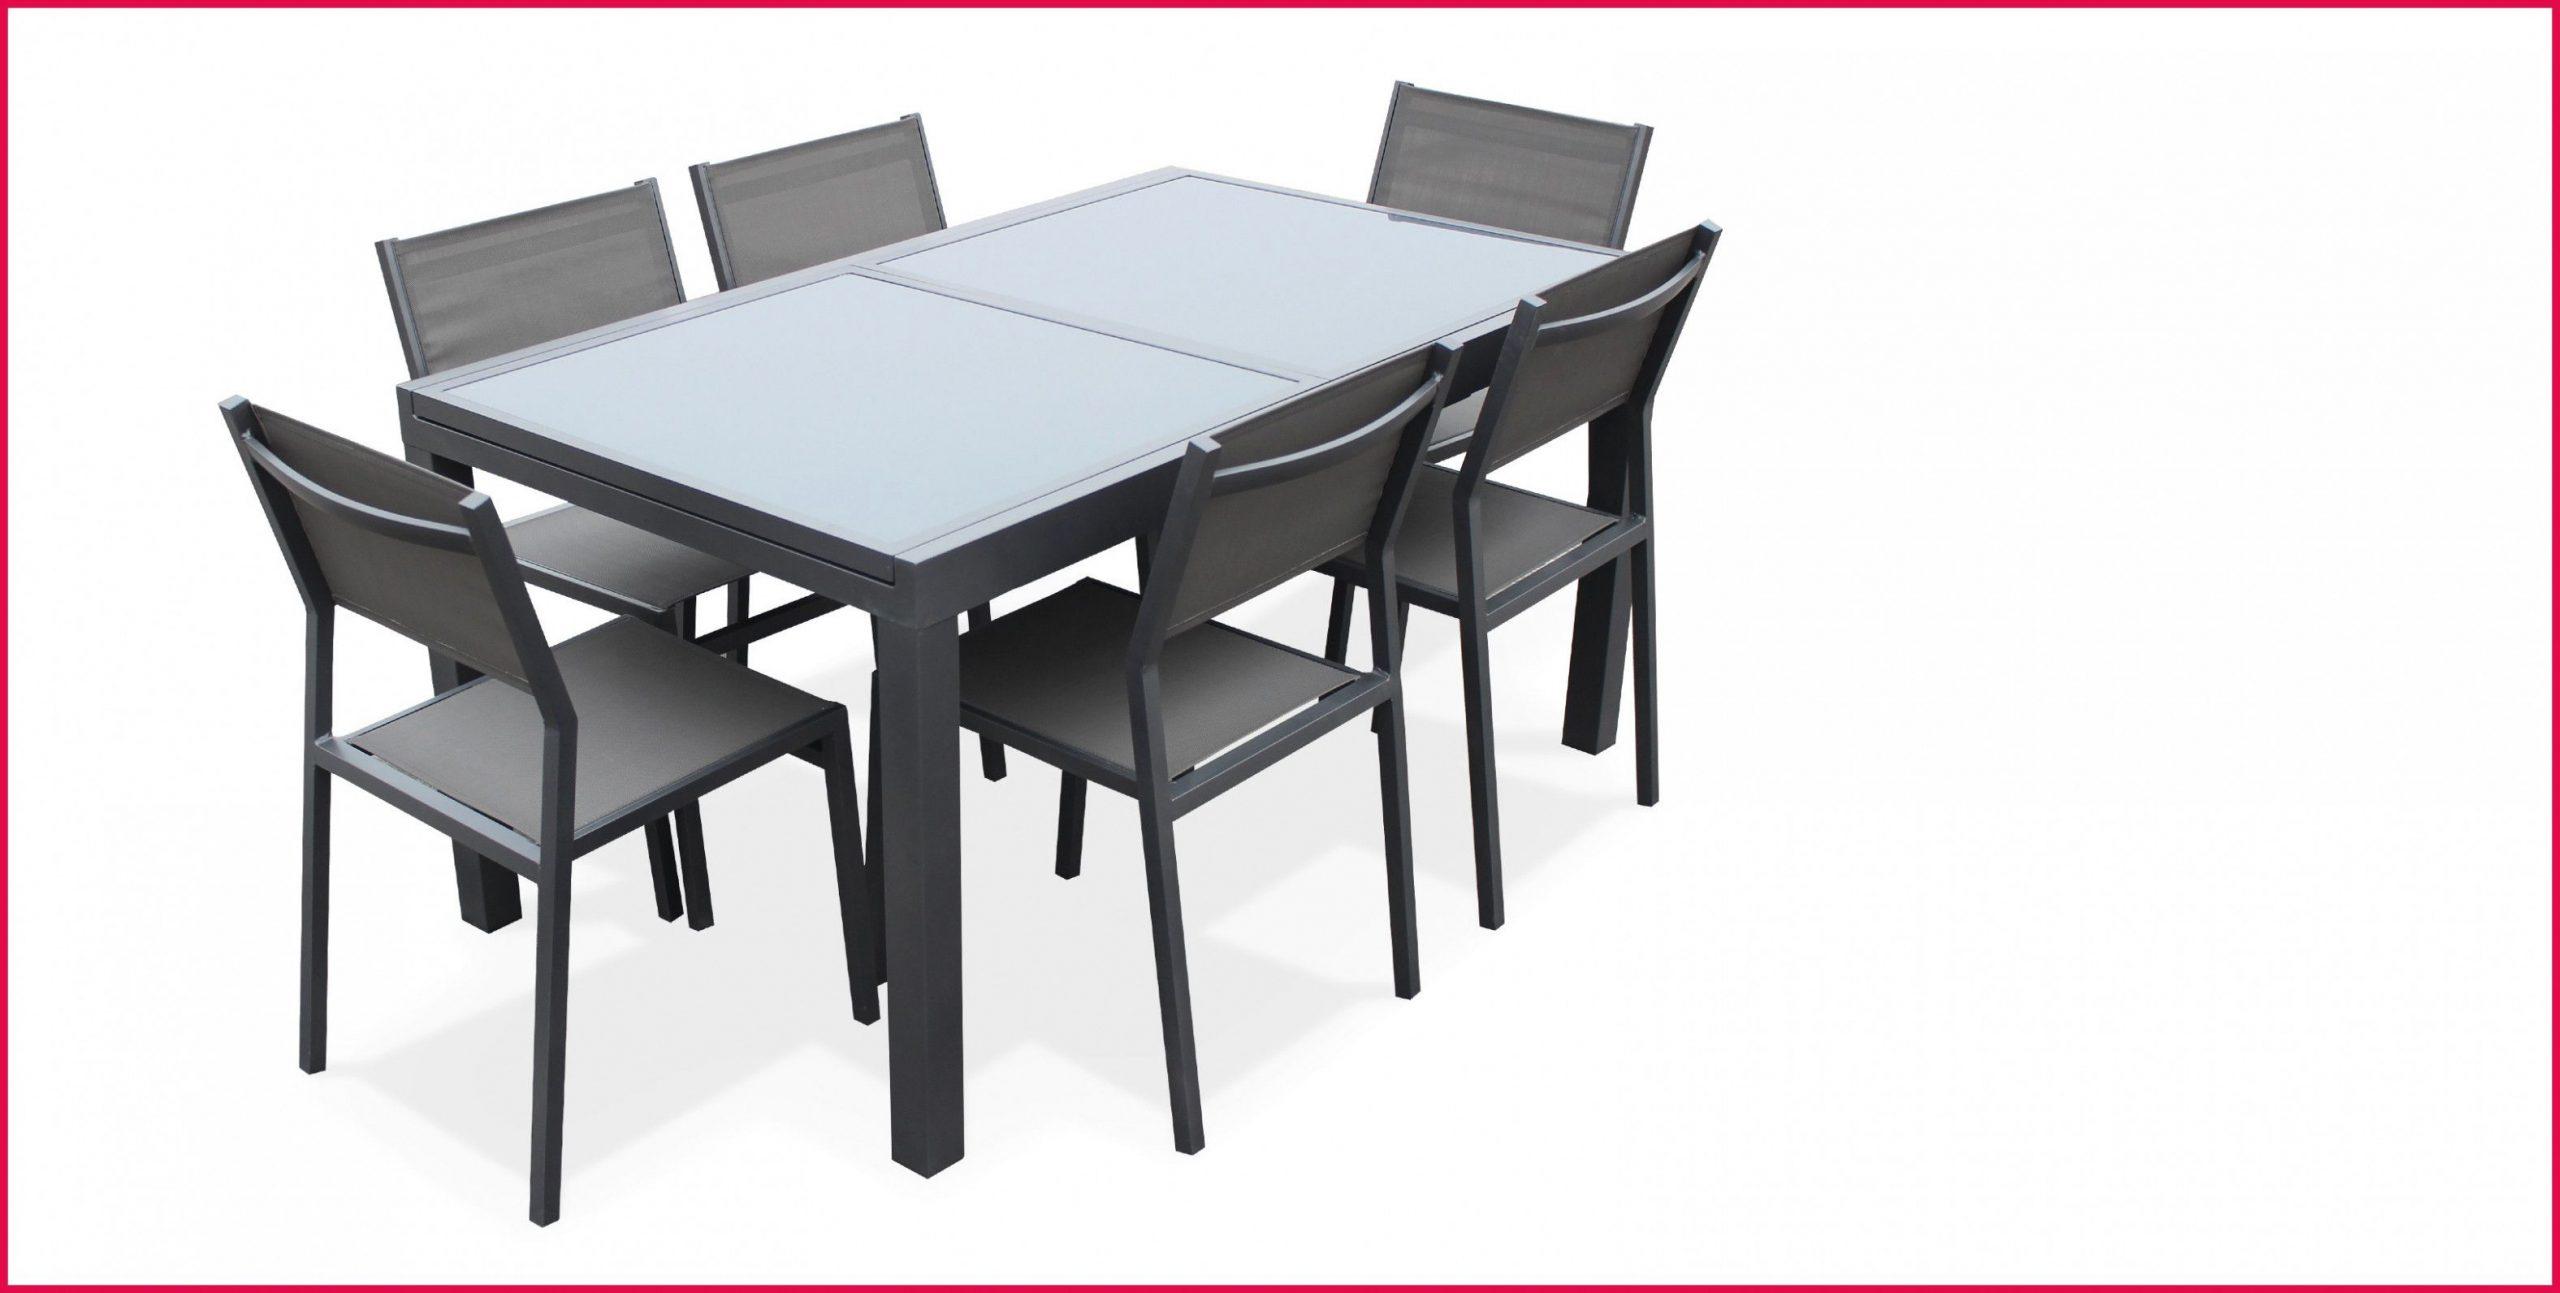 Soldes Table De Jardin Leroy   Table, Home Decor, Furniture tout Table De Jardin Leroy Merlin